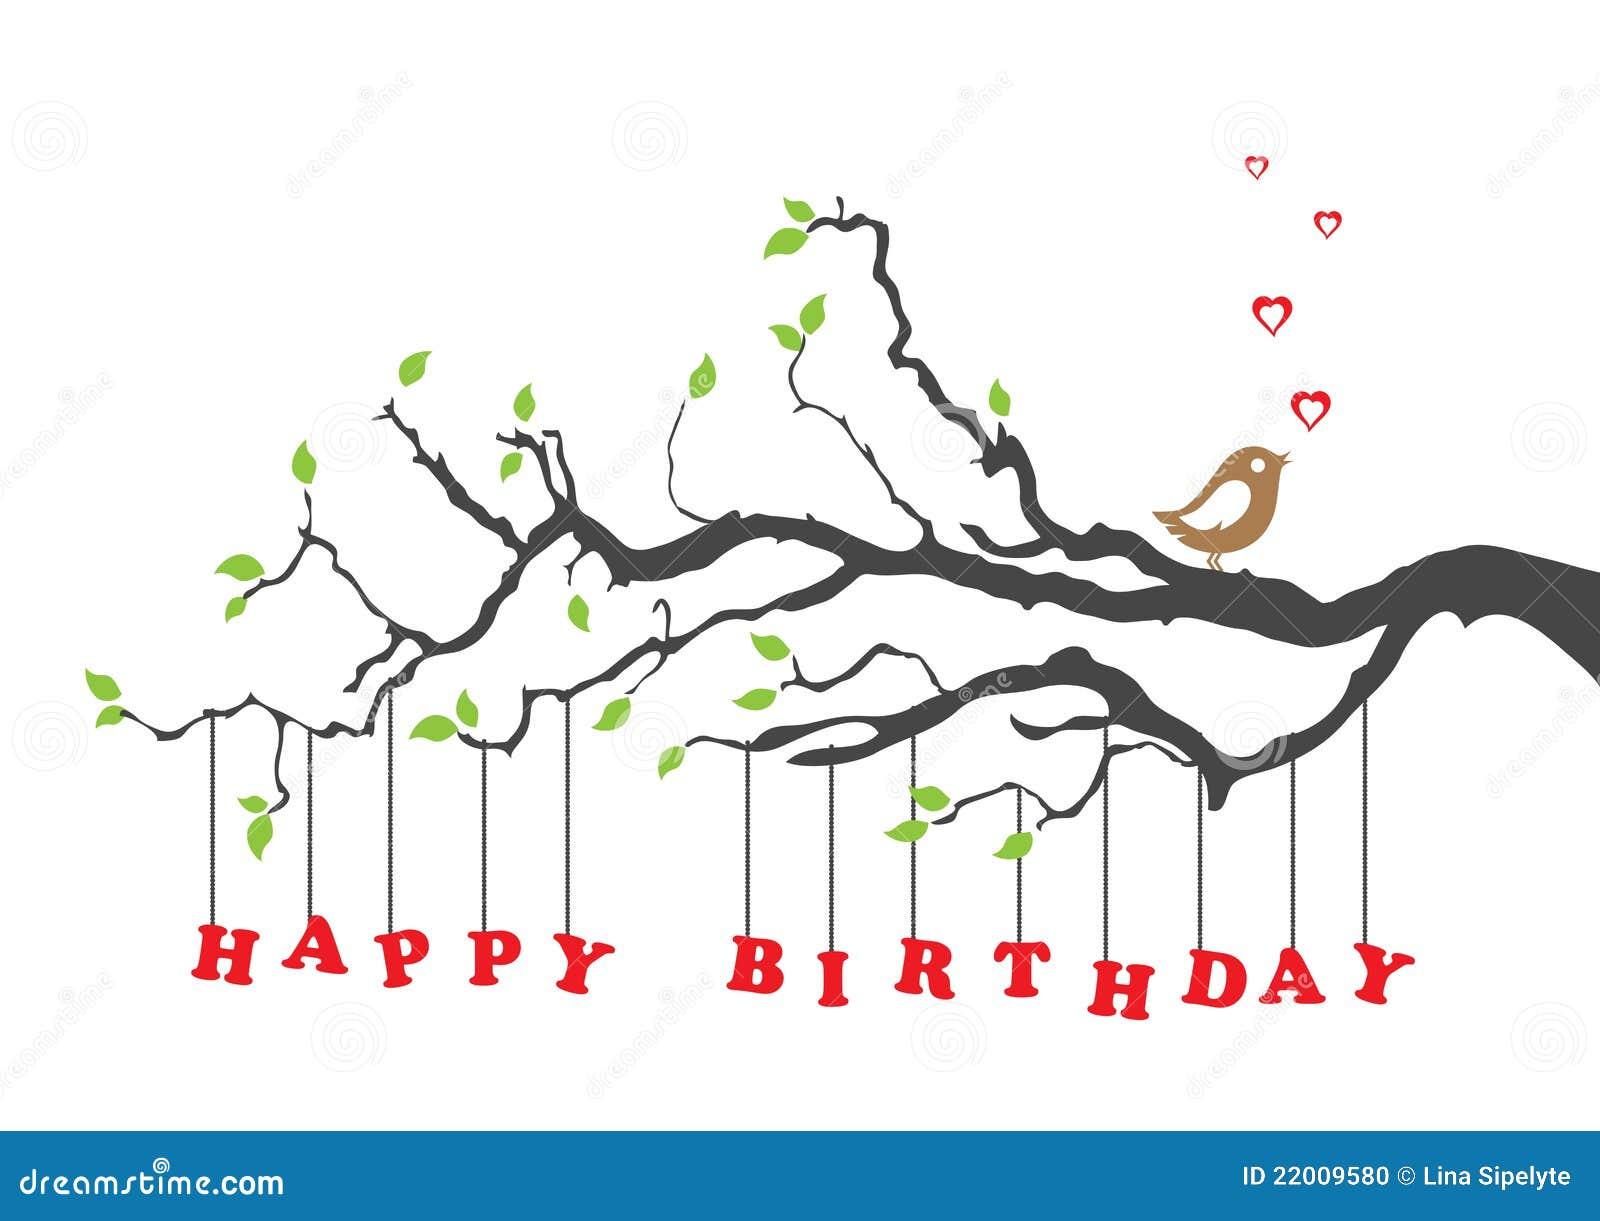 Feliz cumpleaños, monada!!! Tarjeta-del-feliz-cumplea%C3%B1os-con-el-p%C3%A1jaro-22009580